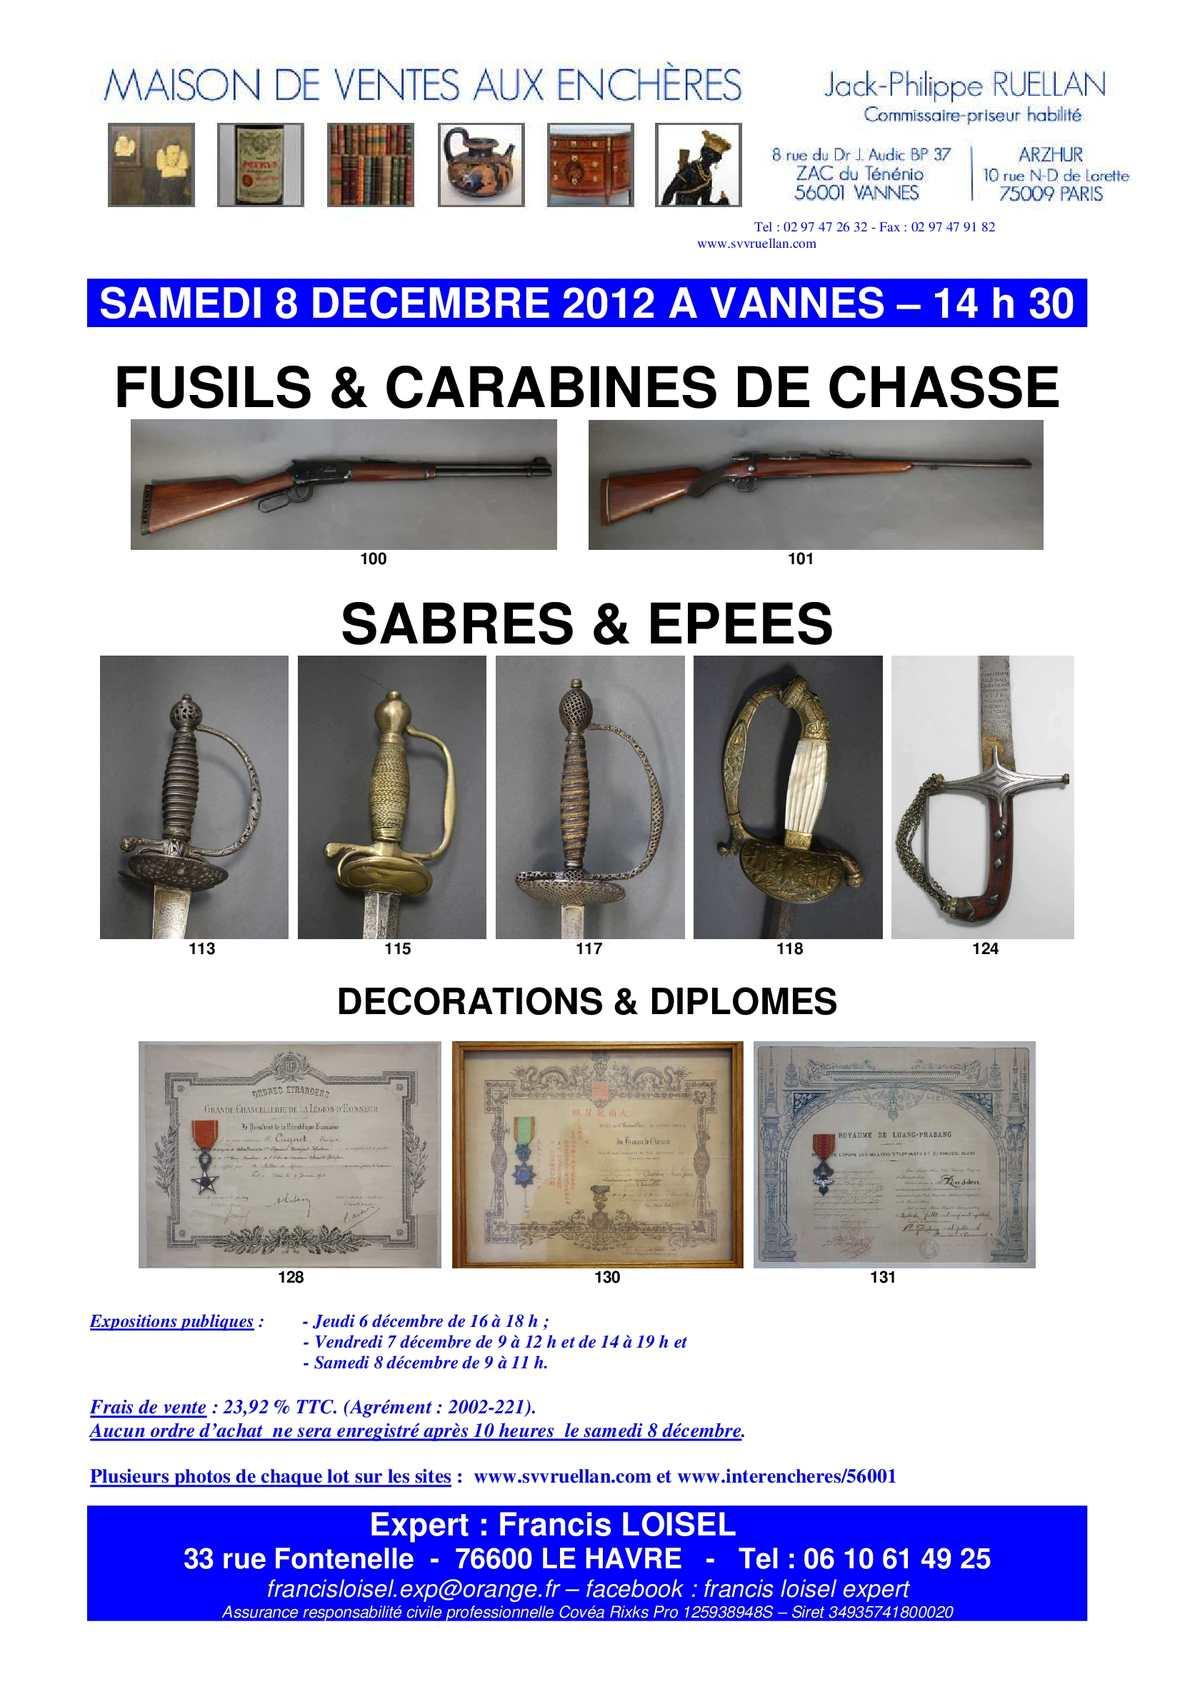 calam o francis loisel expert armes anciennes vente aux ench res vannes le 8 d cembre 2012. Black Bedroom Furniture Sets. Home Design Ideas